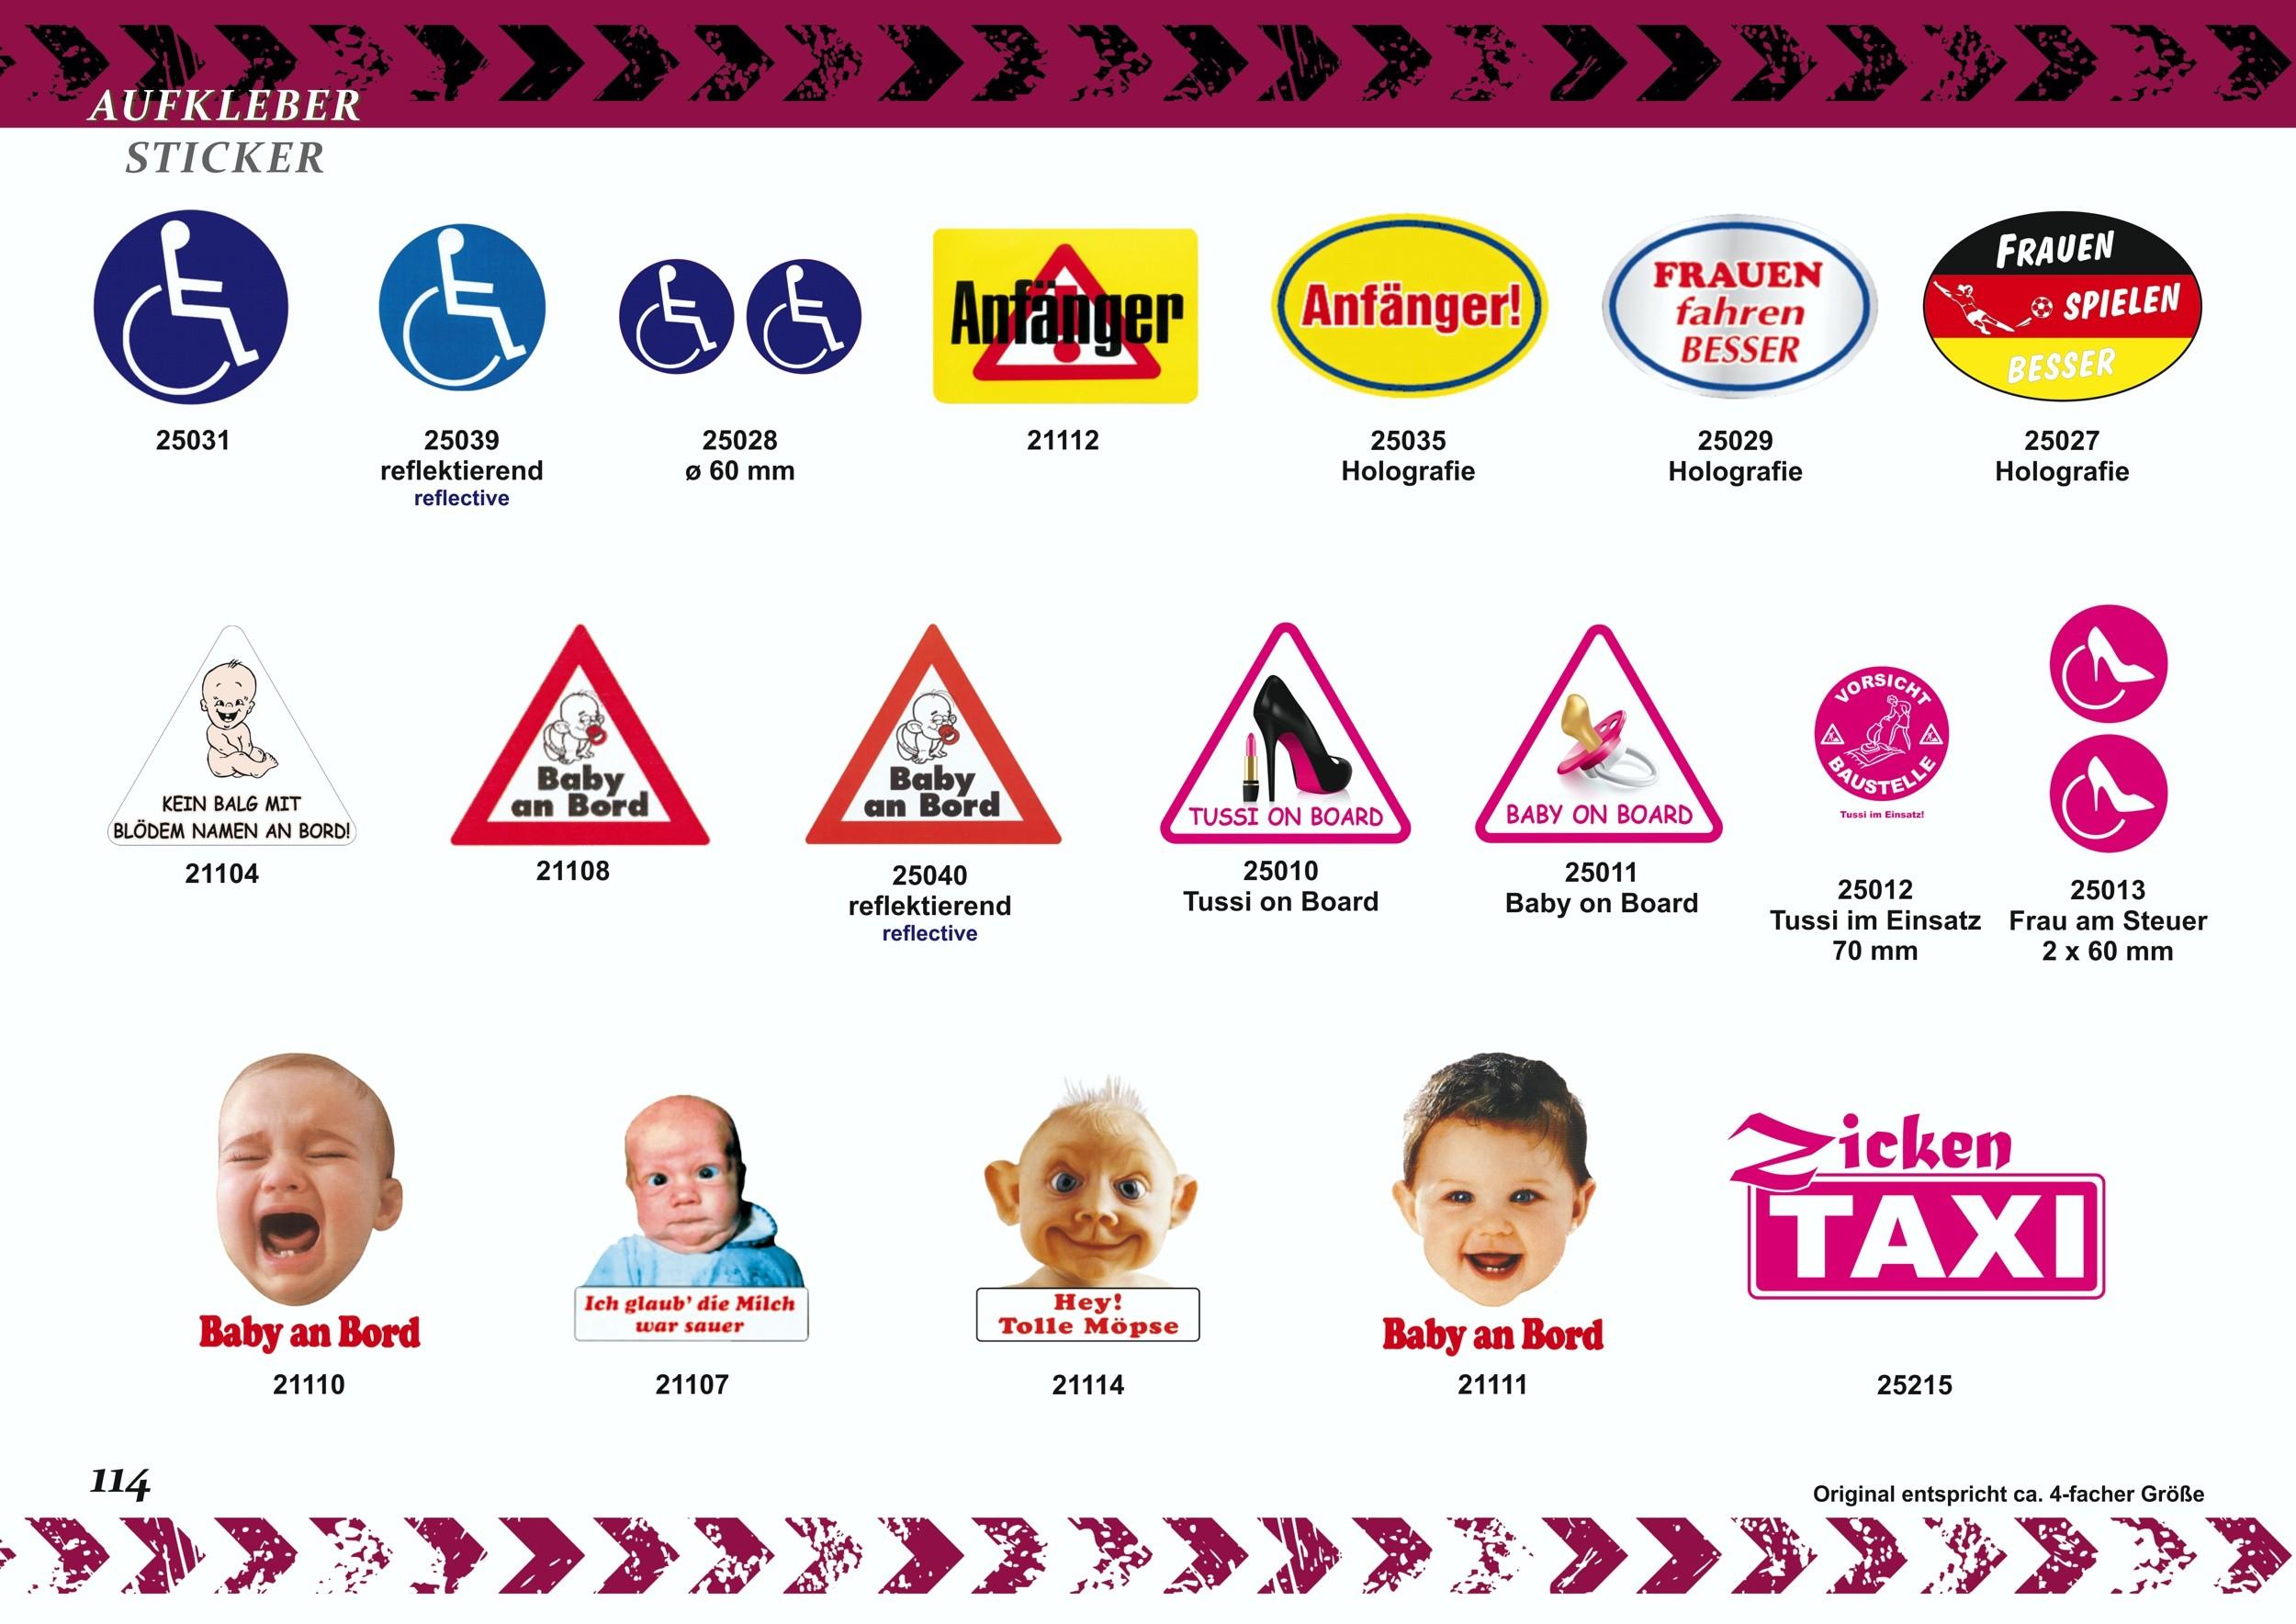 Sticker Bitte keine Werbung einwerfen! (außer für Schuhe) white – Bild 6